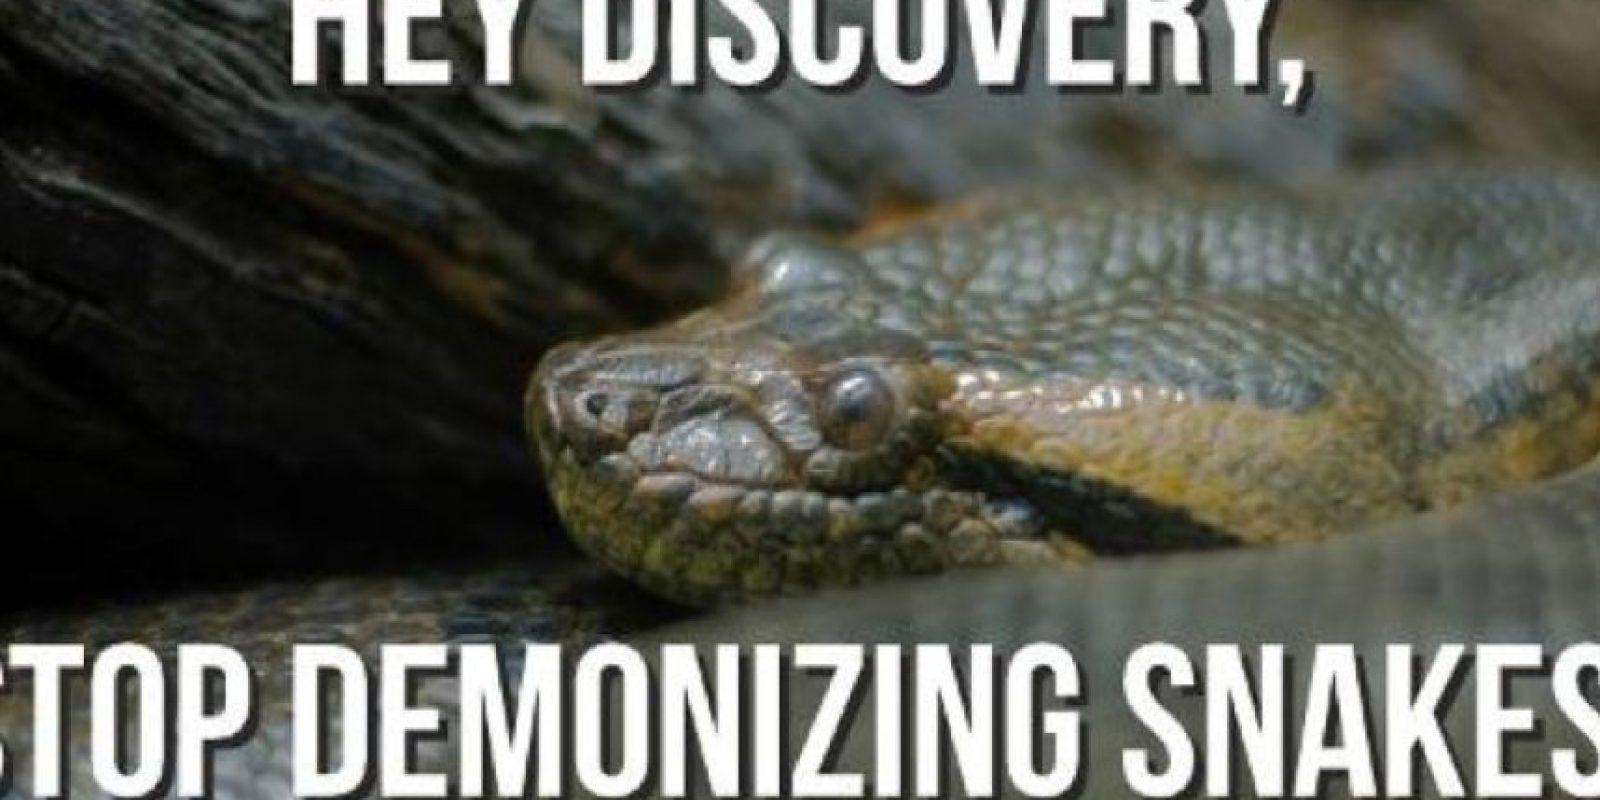 Piden que Discovery deje de demonizar a las anacondas. Foto:Twitter